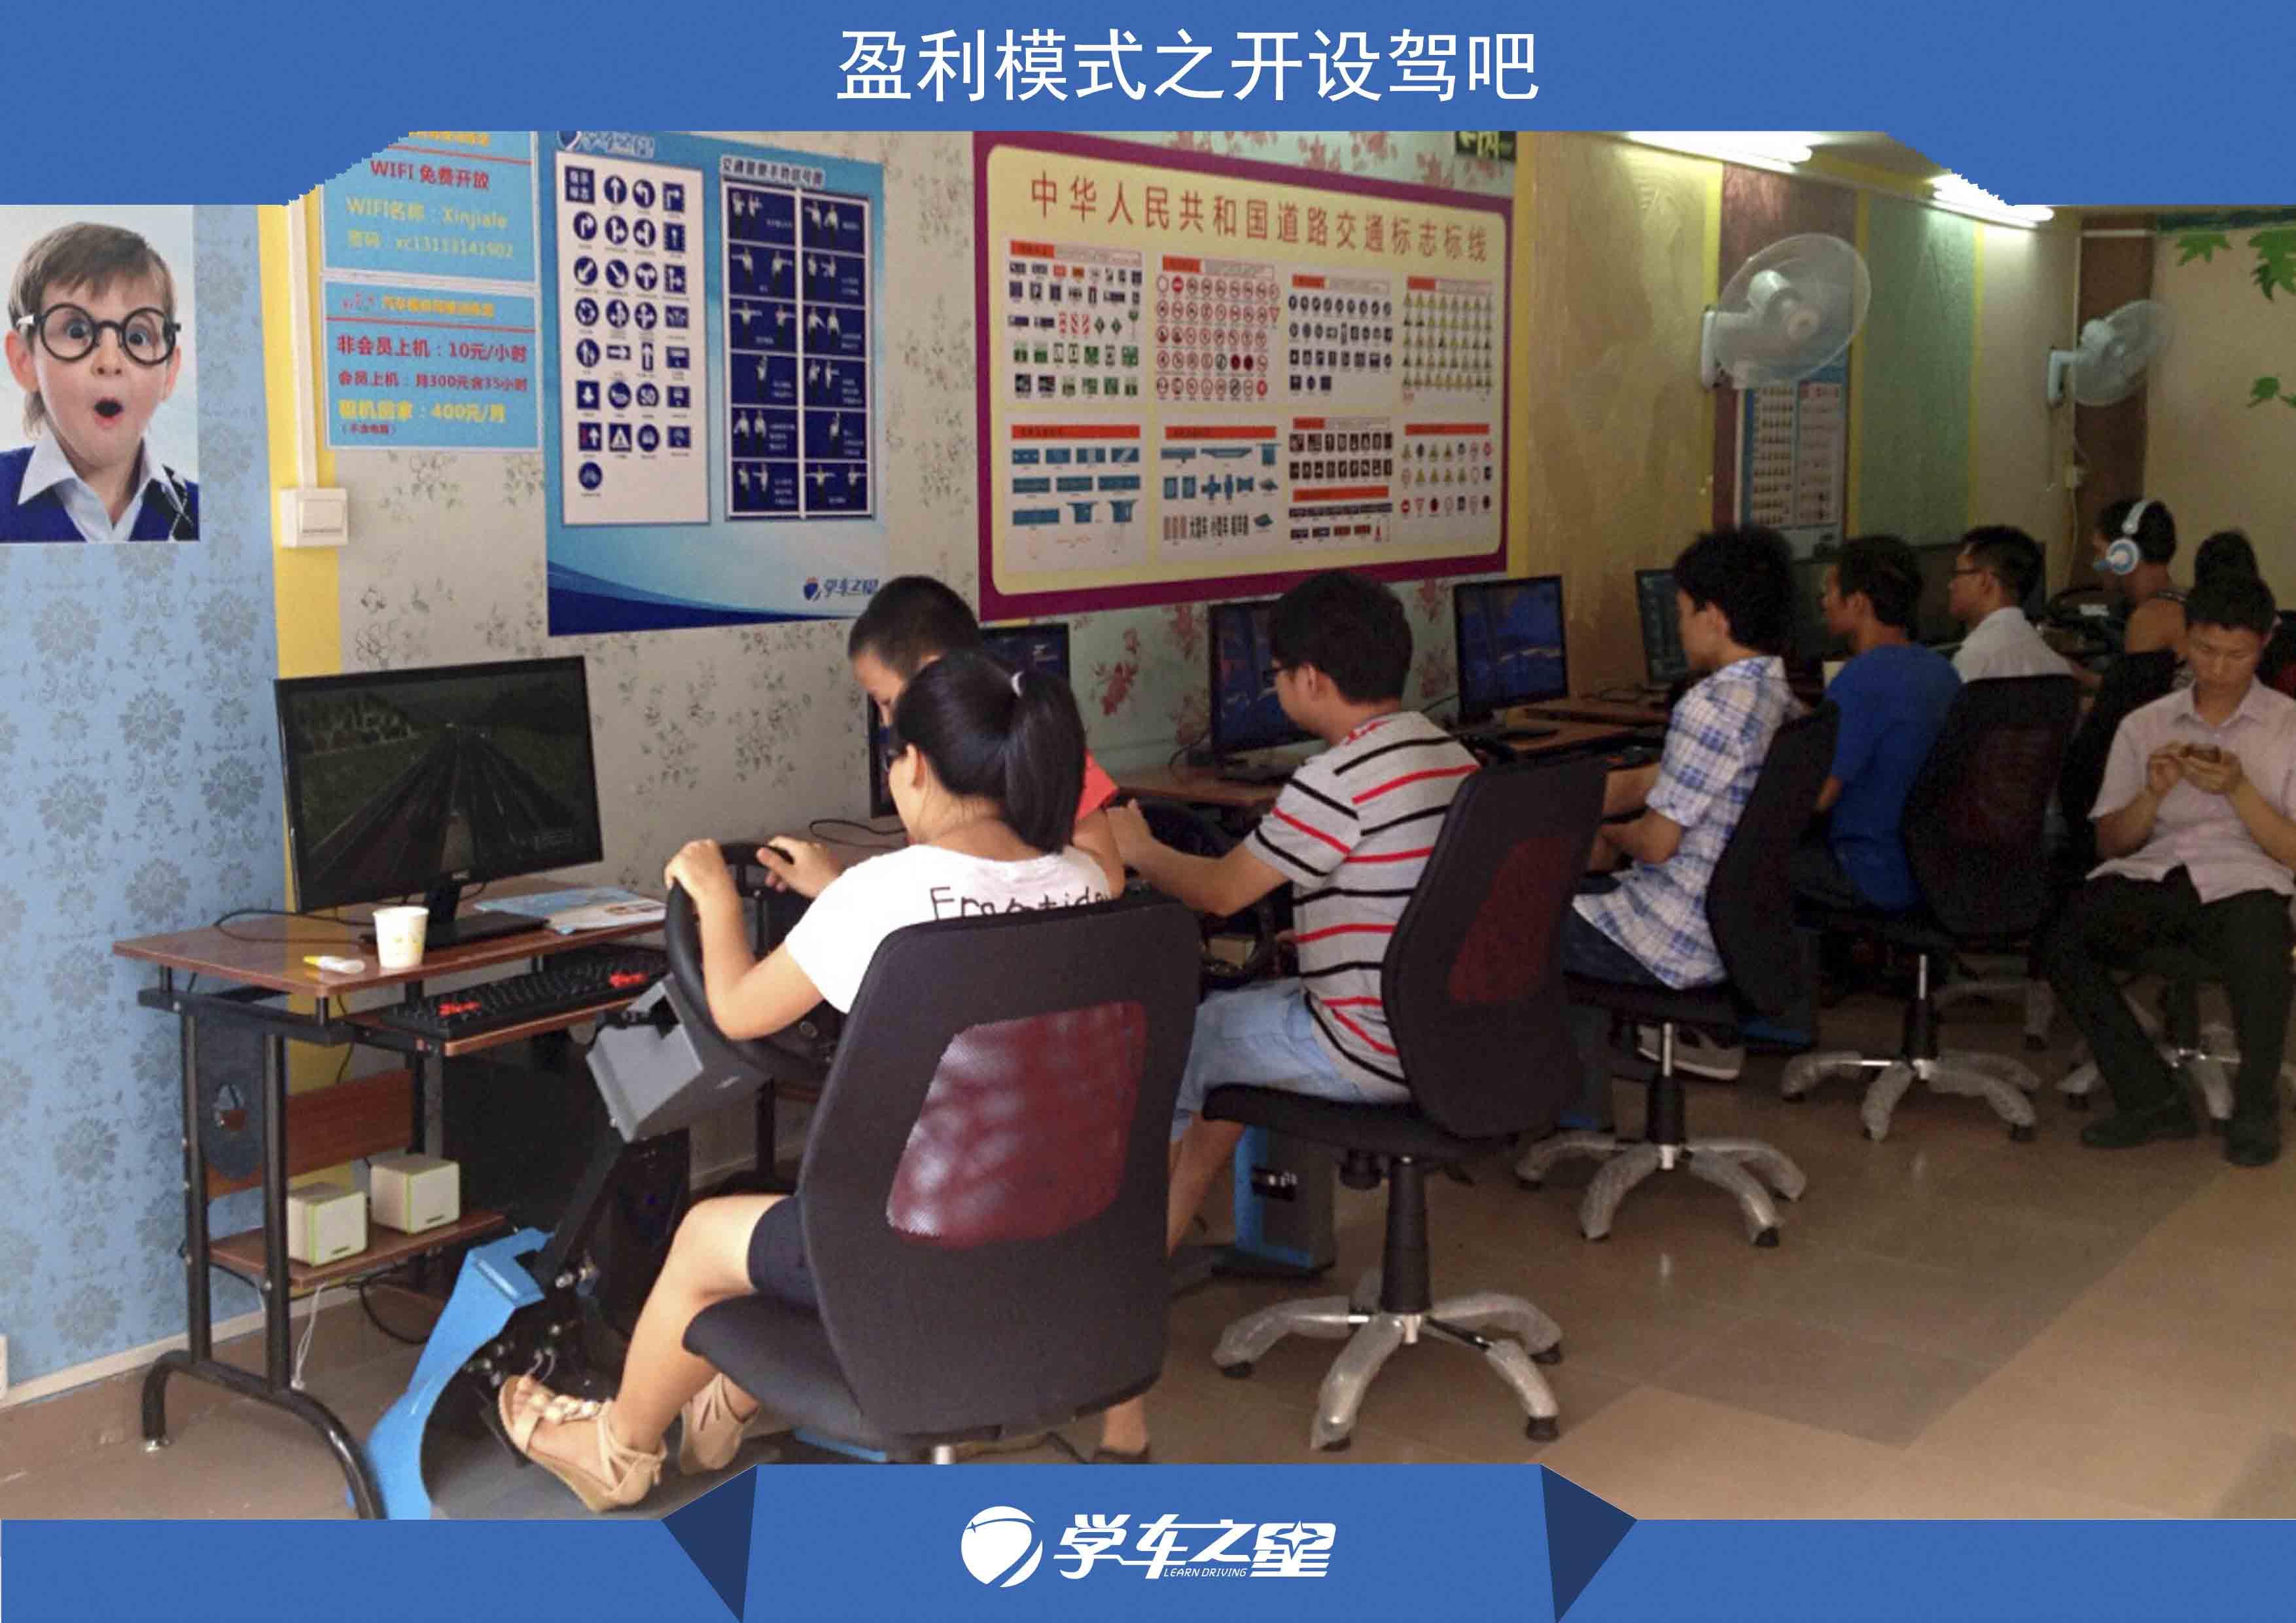 黄石小本开店生意 模拟学车驾驶训练馆生意火爆